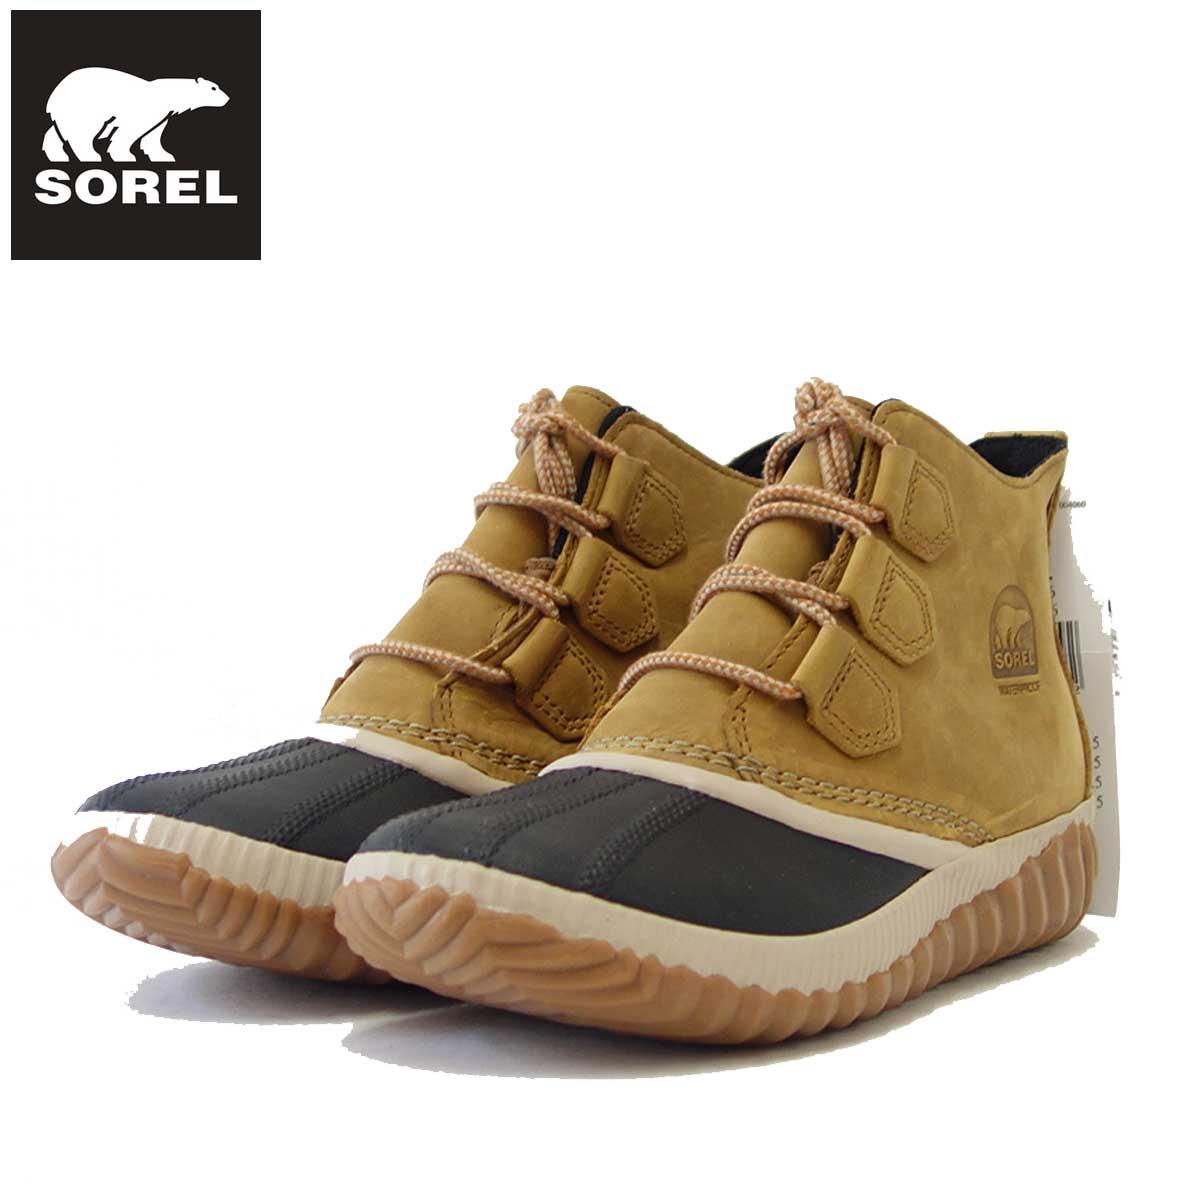 ソレル SOREL NL 3069(レディース) アウトアンドアバウトプラス:ELK (286)  「靴」